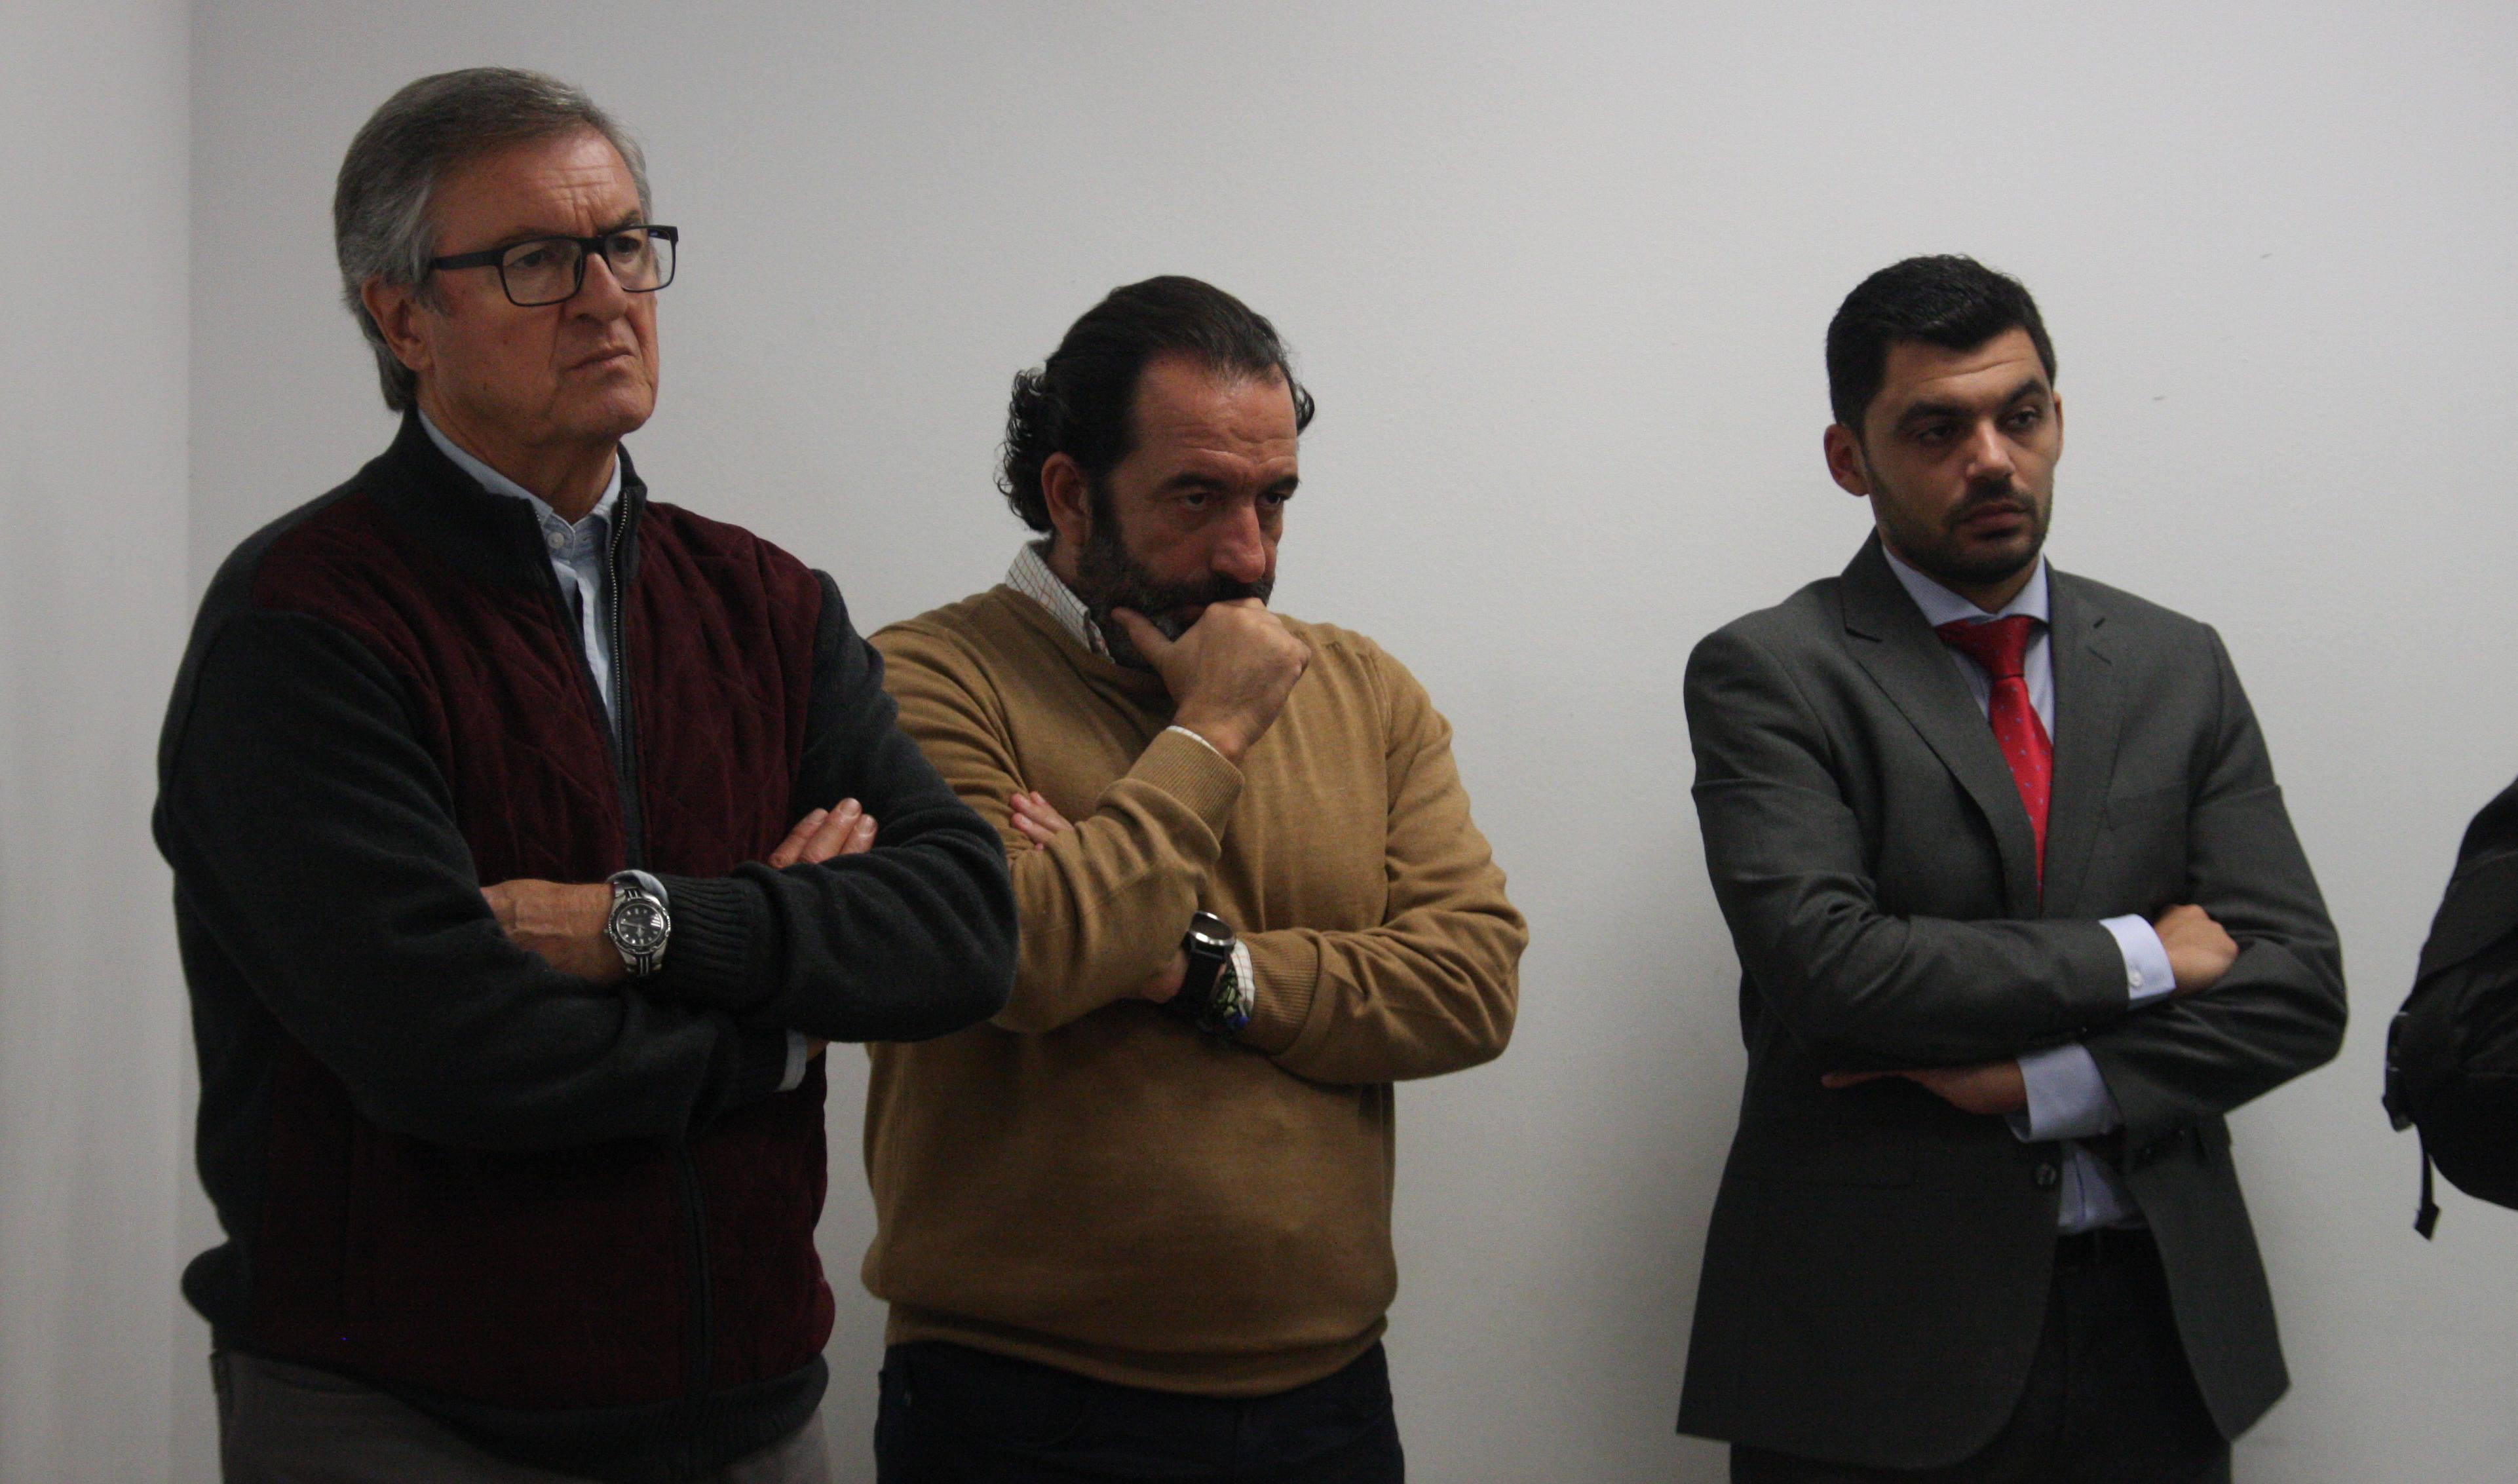 Miguel Romero y Manolo Garrido, junto a un ayudante de Zarza, durante la comparecencia del abogado de la entidad blanquiverde